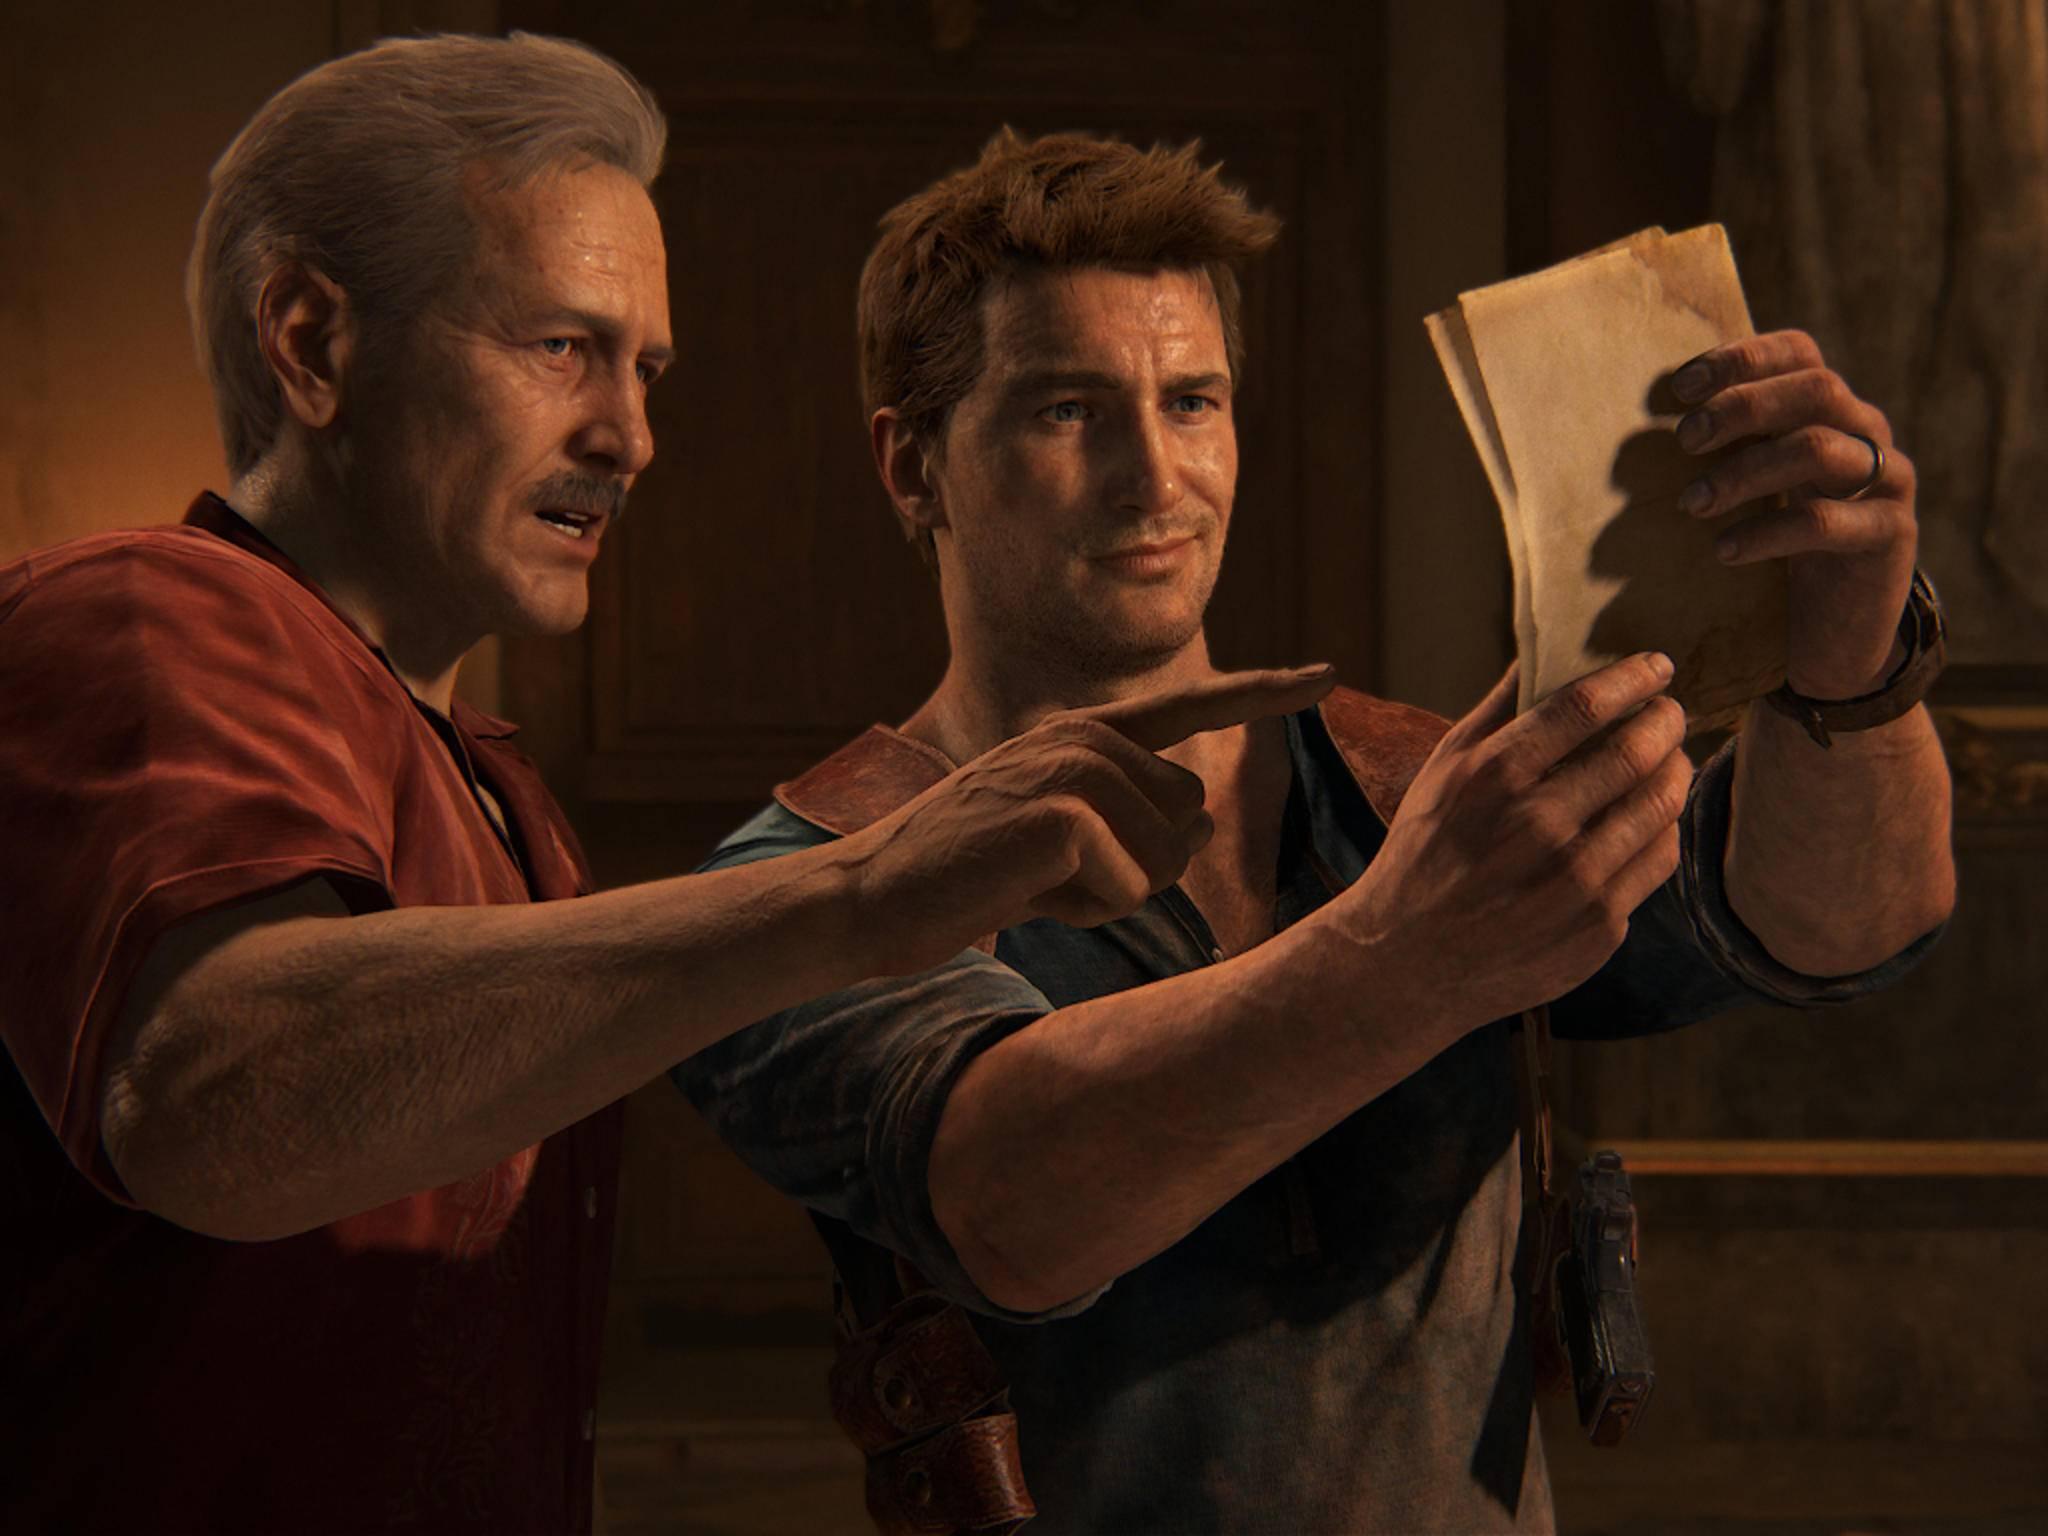 """In naher Zukunft gibt es wohl zunächst weniger Spiele mit großem Singleplayer-Modus wie """"Uncharted 4""""."""